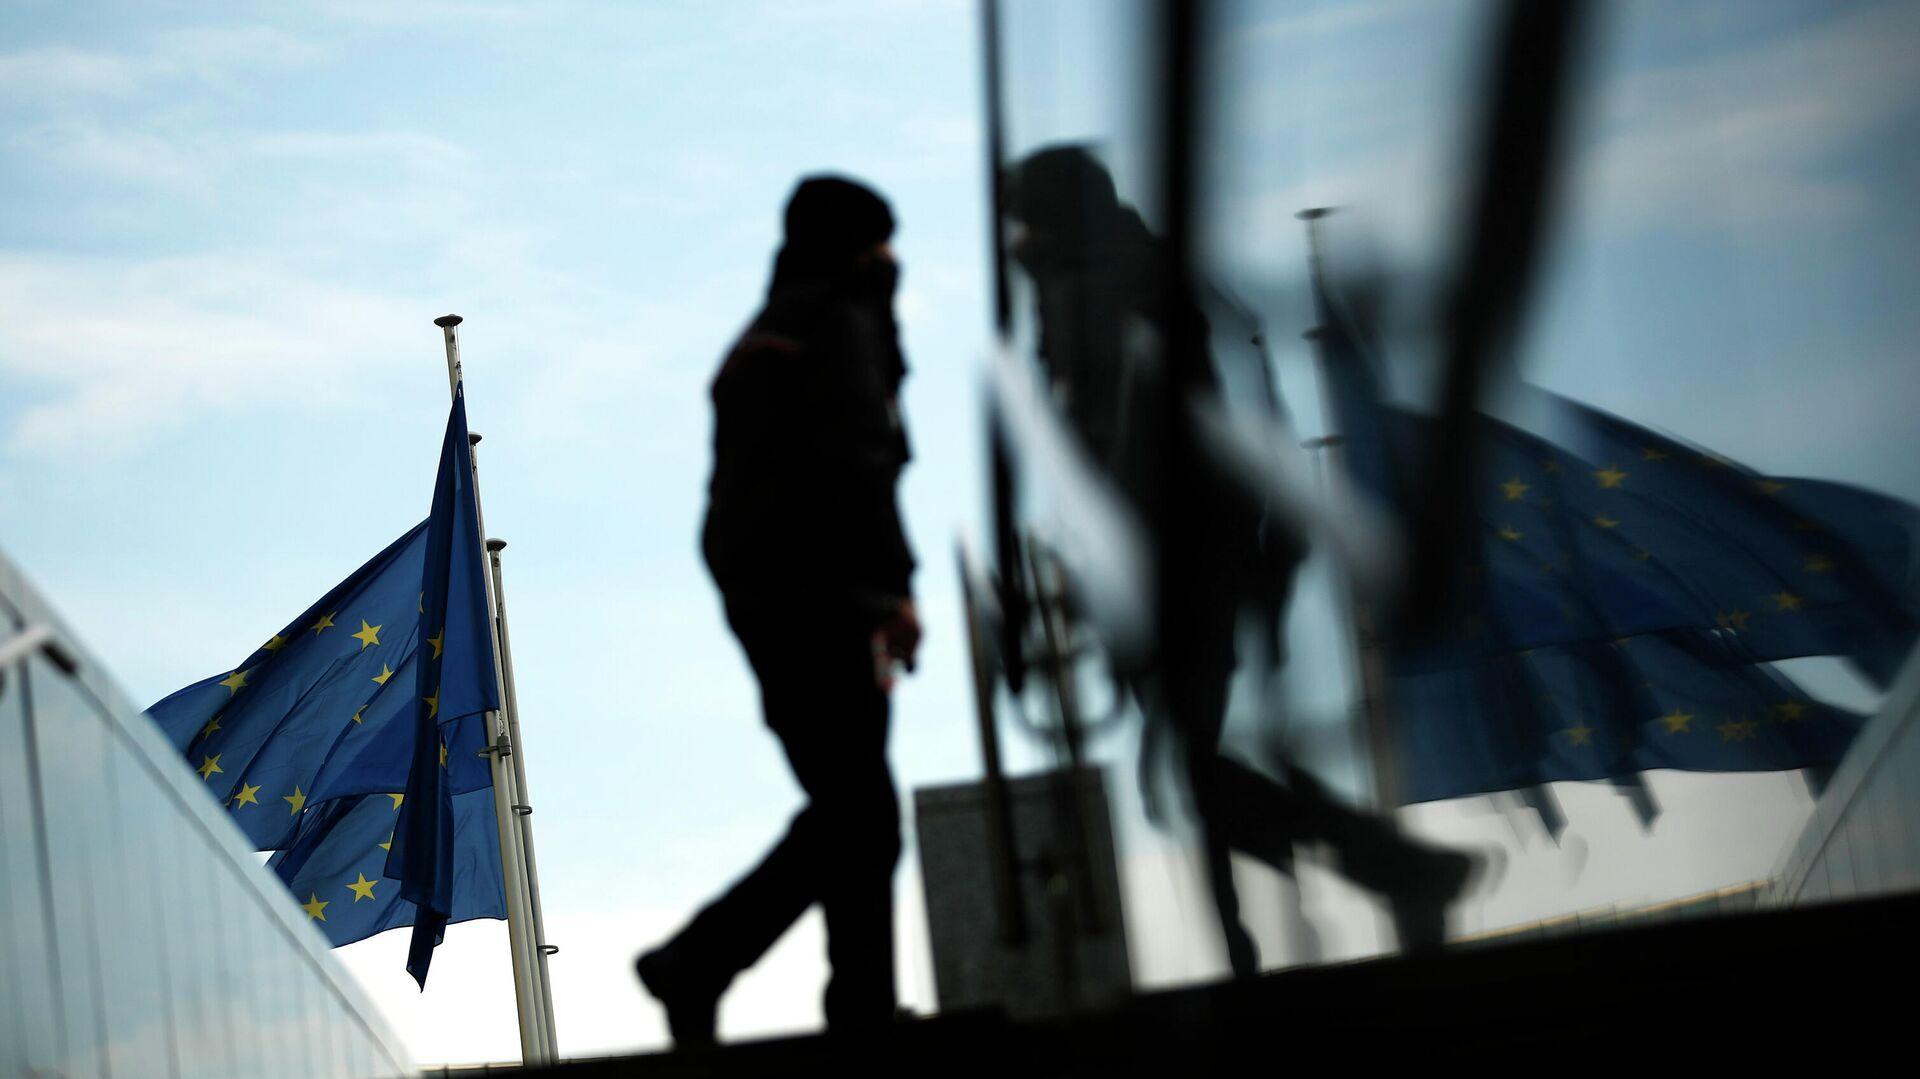 Прохожий возле штаб-квартиры Европейской комиссии в Брюсселе - РИА Новости, 1920, 24.03.2021